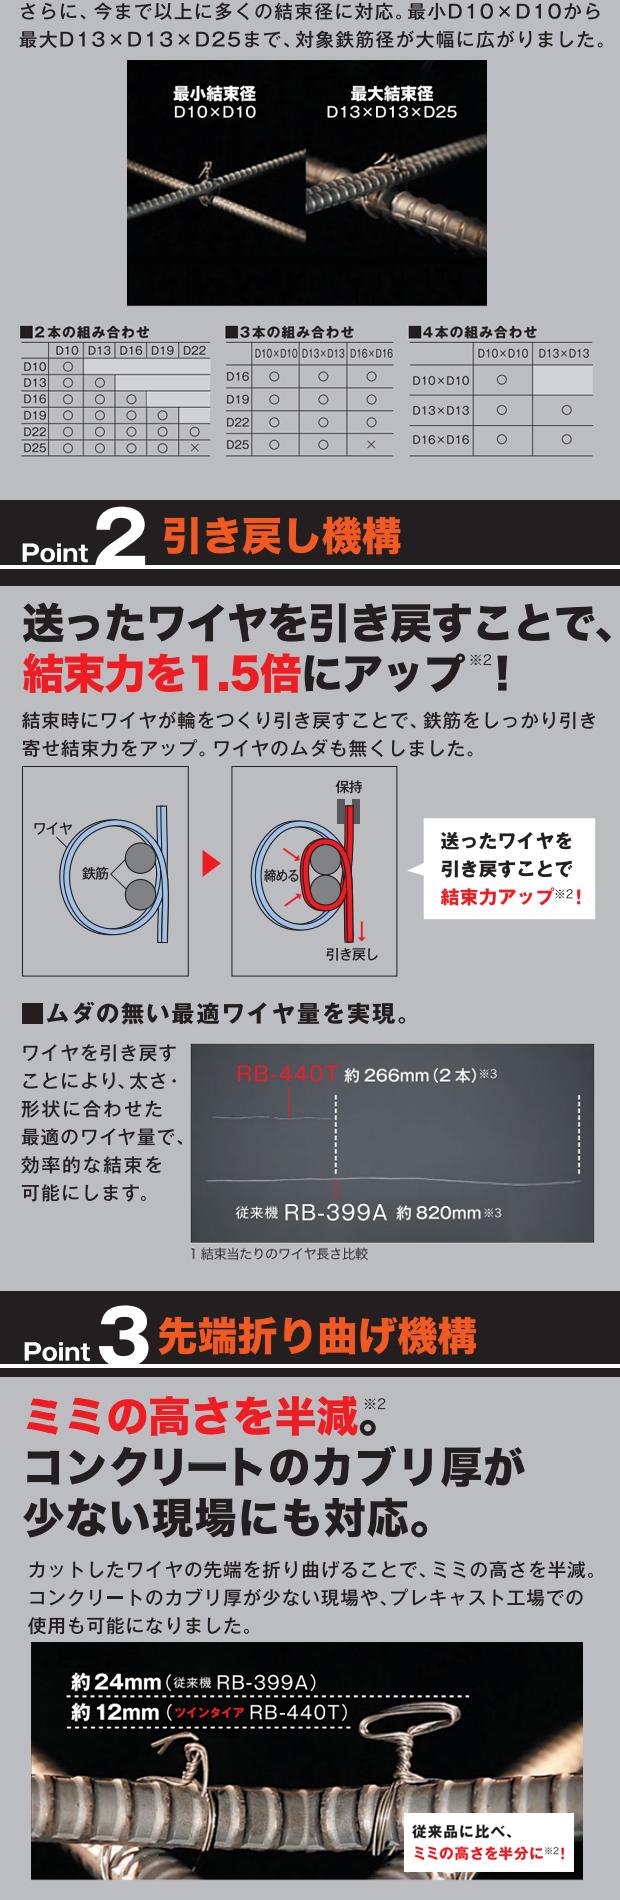 MAX 鉄筋結束機 ツインタイア RB-440T